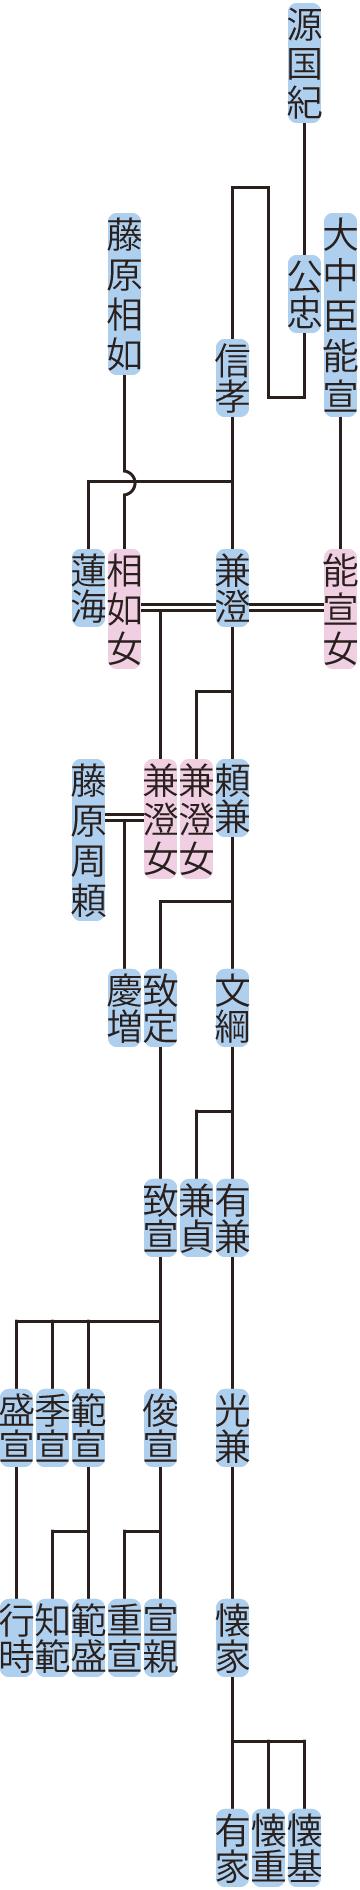 光孝源氏・光孝平氏の系図 | ねっこのえくり